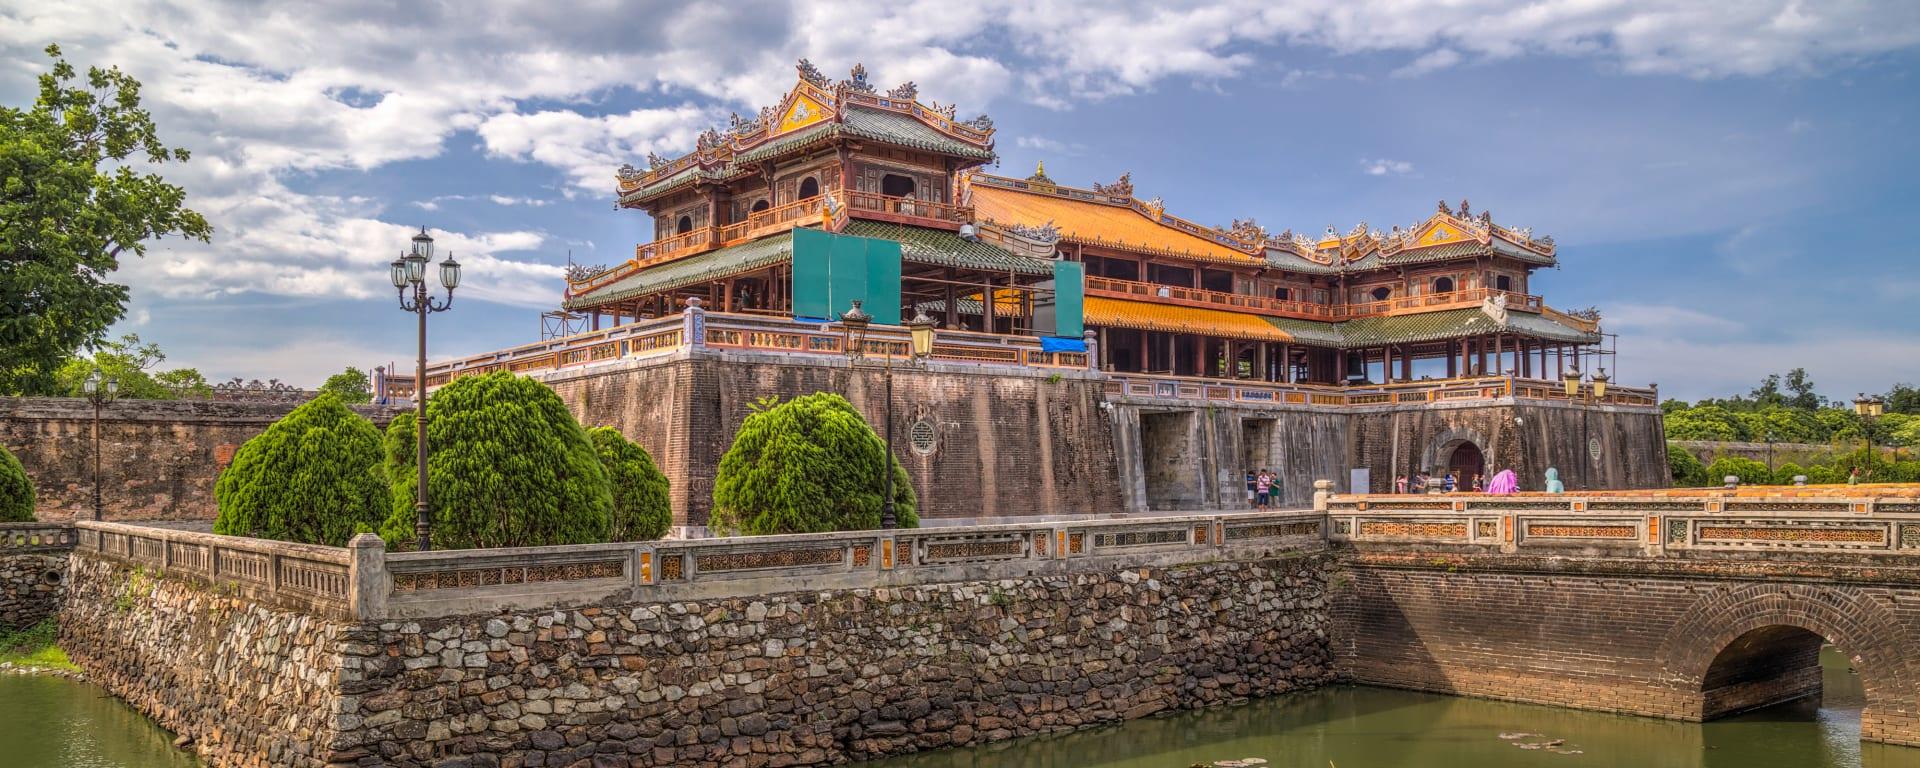 Vietnam entdecken mit Tischler Reisen: Vietnam Hue Verbotene Stadt